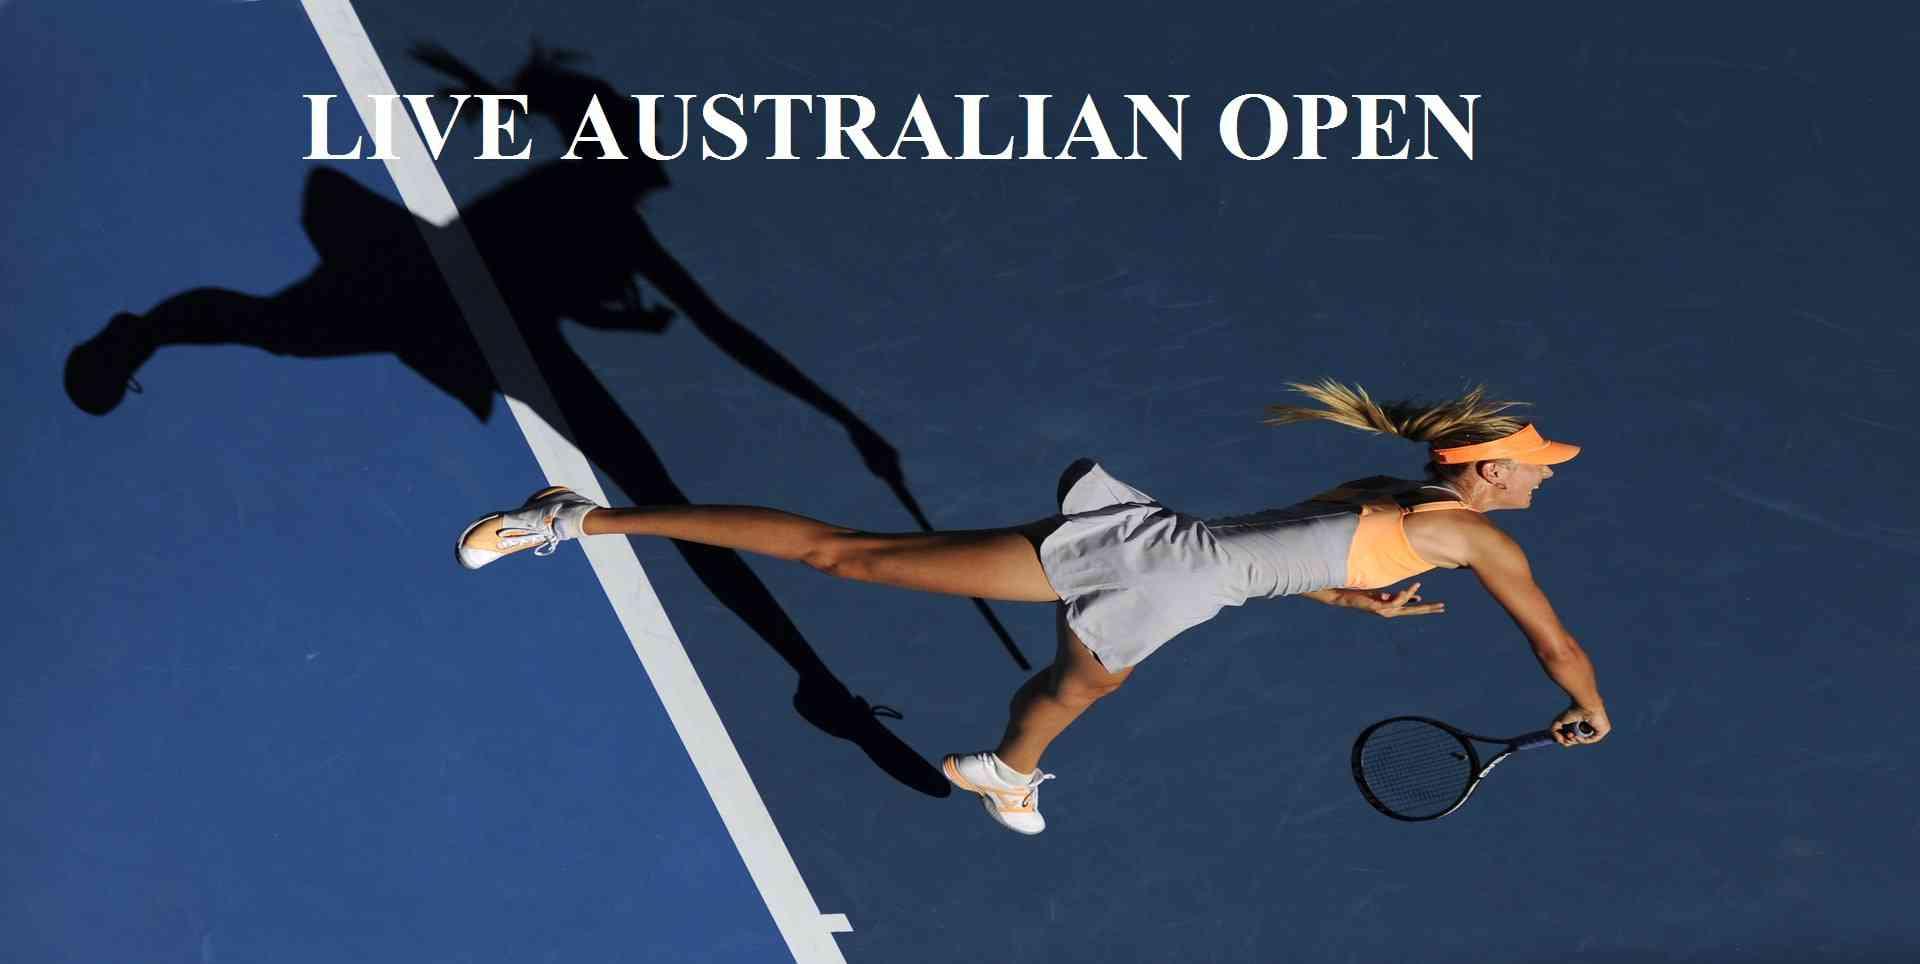 Watch 2018 Australian Open Tennis 4 Round Live